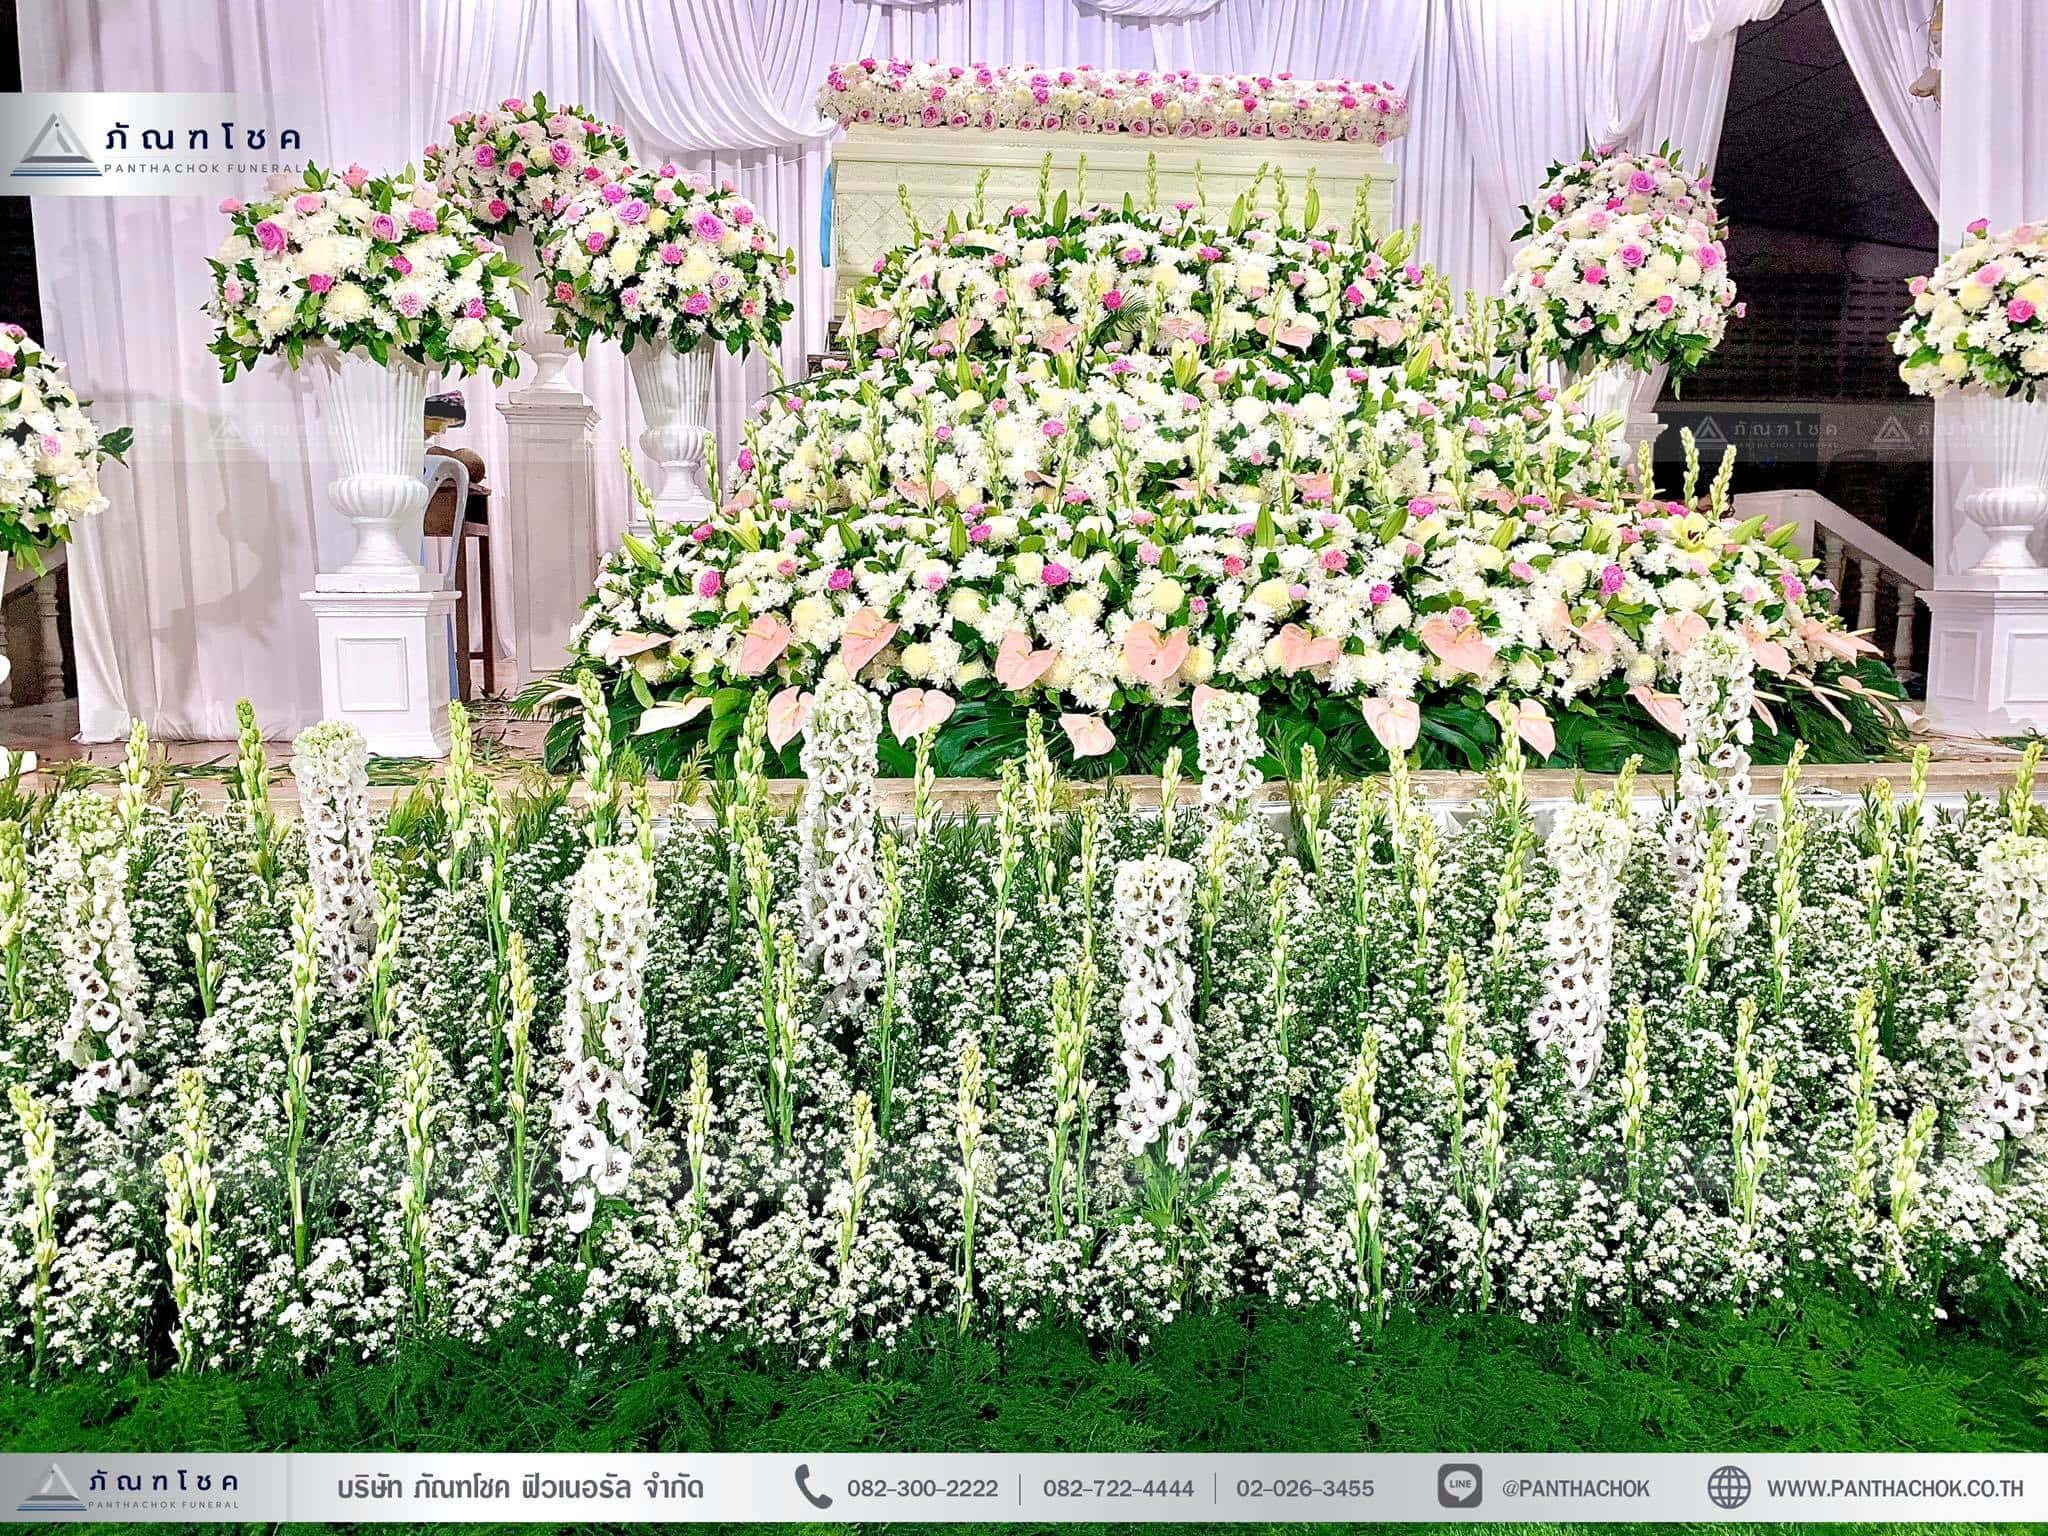 สวนดอกไม้ประดับ ดอกไม้หน้าหีบ ดอกไม้ต่างประเทศ